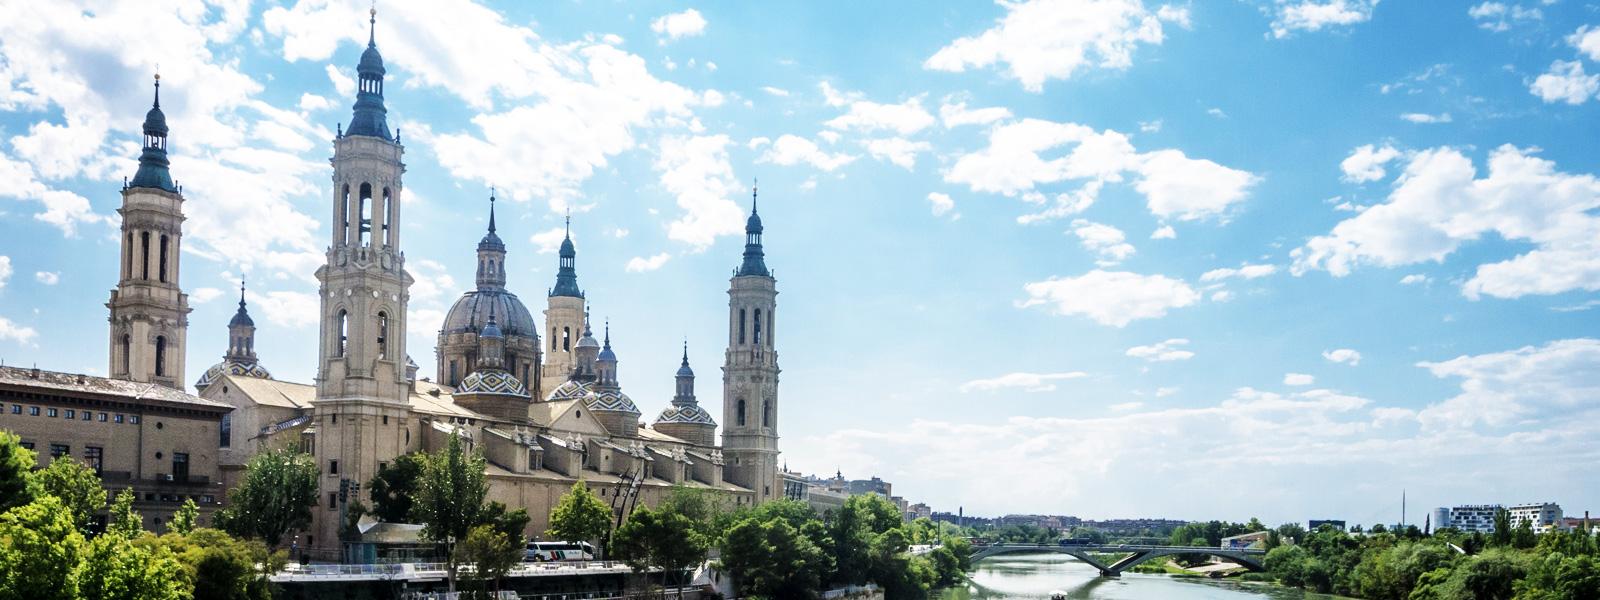 cosa vedere a saragozza citt europee da visitare On da il nome a una cattedrale di saragozza